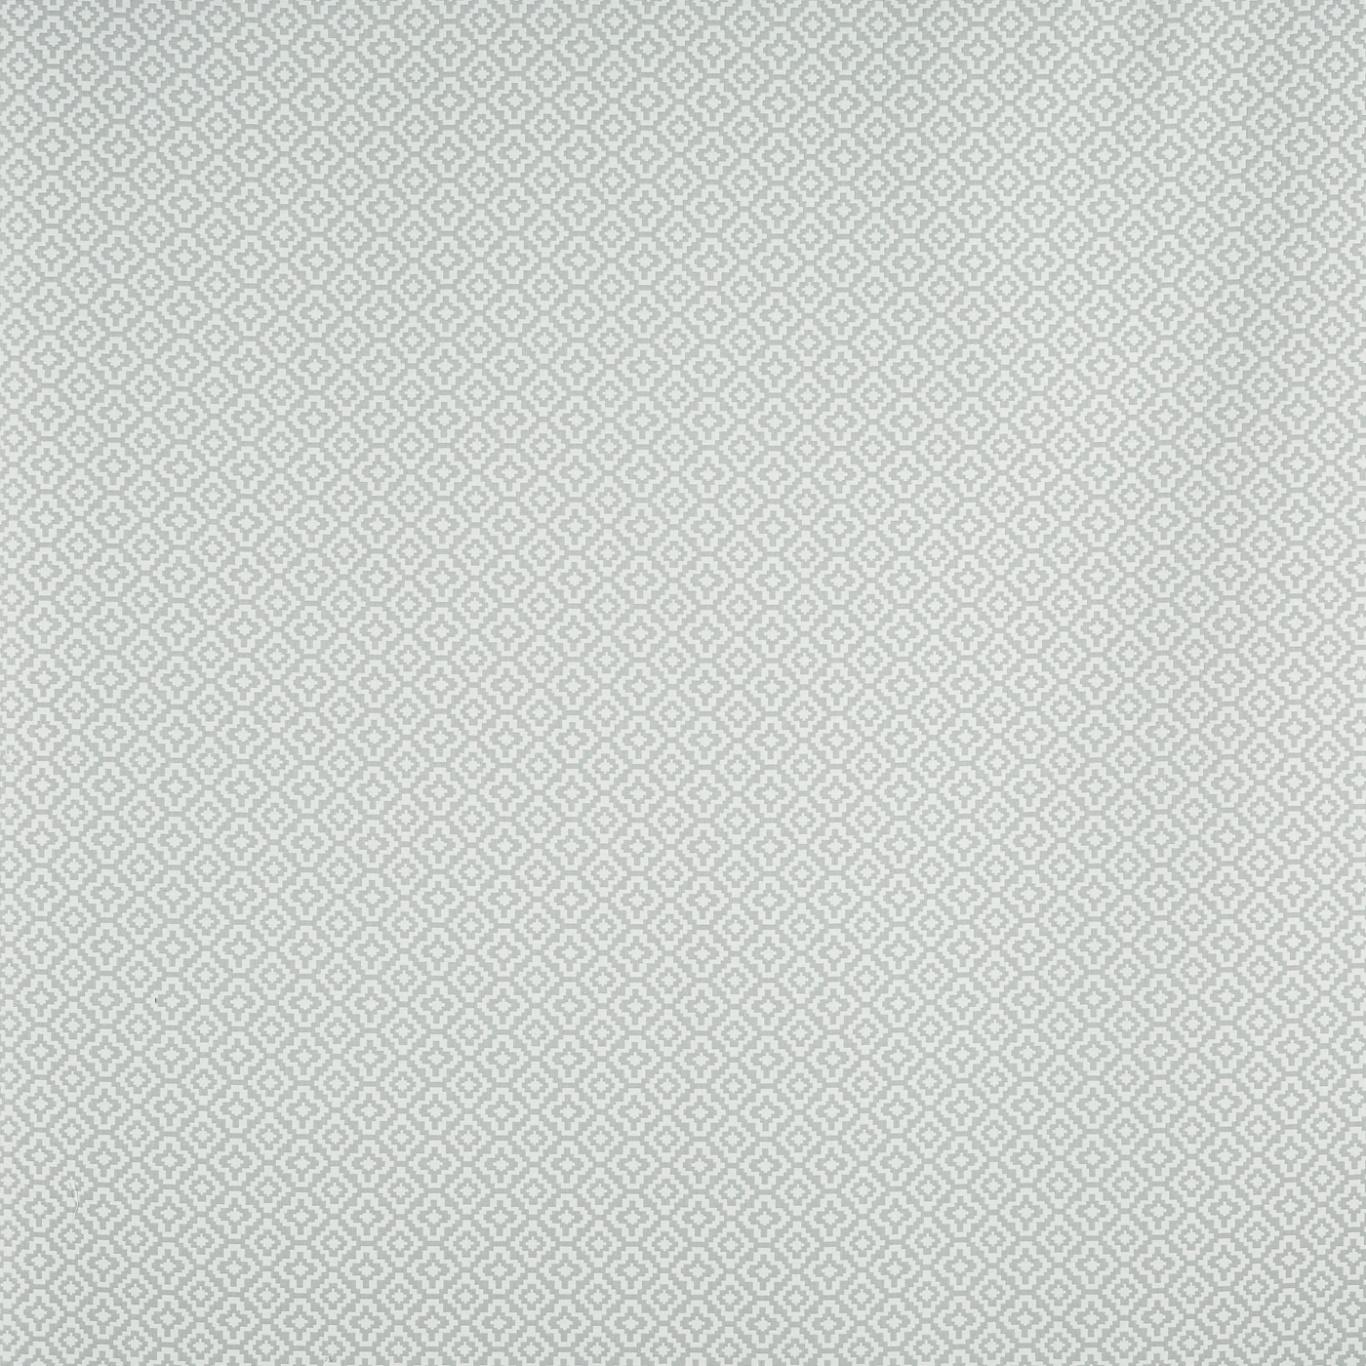 Image of Prestigious Sussex Stone Fabric 3761/531